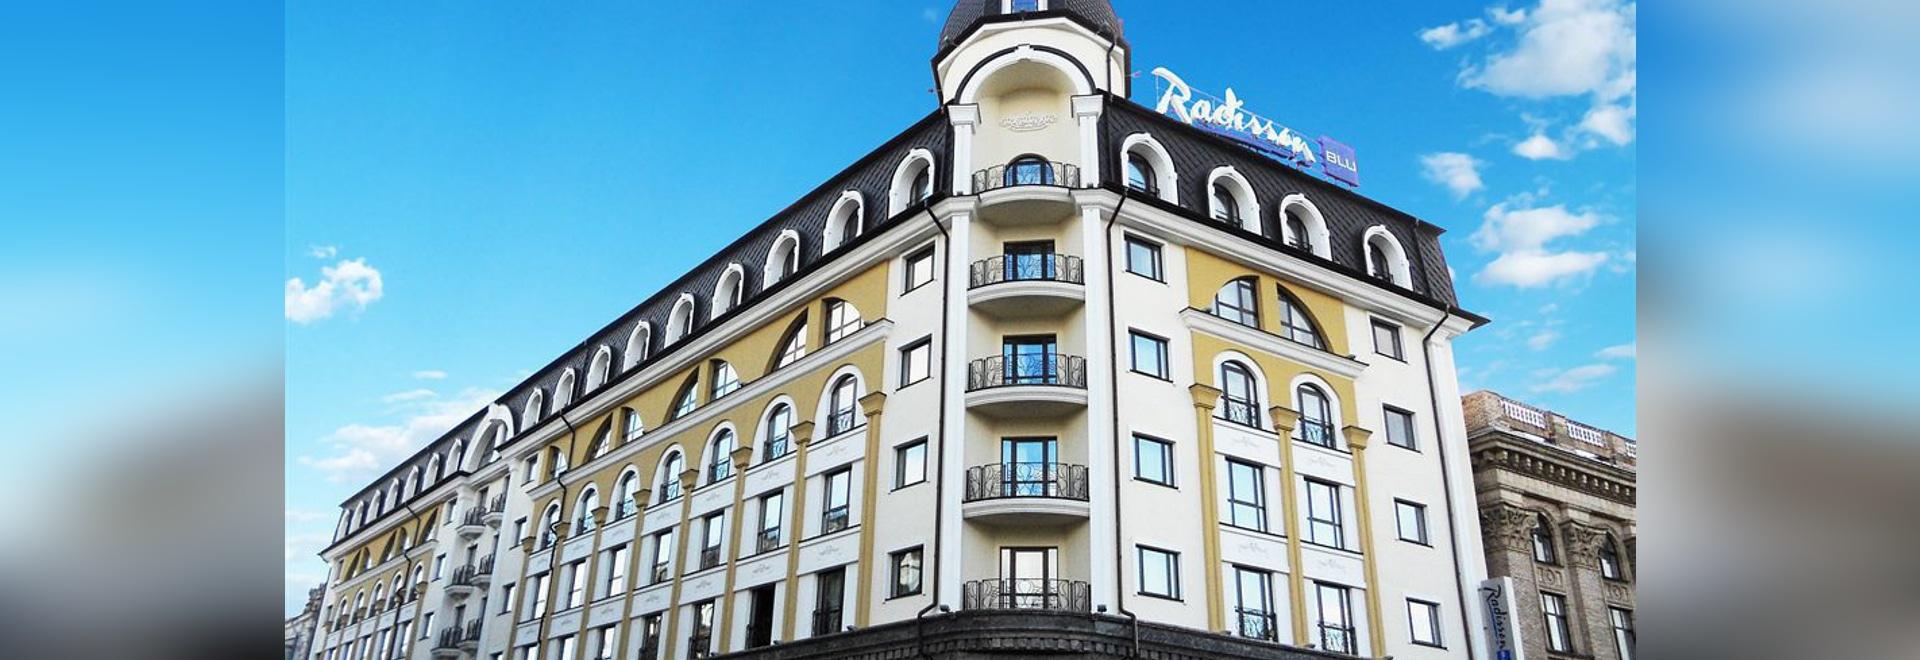 HOTEL BLU DI RADISSON DELLA FACCIATA, KIEV